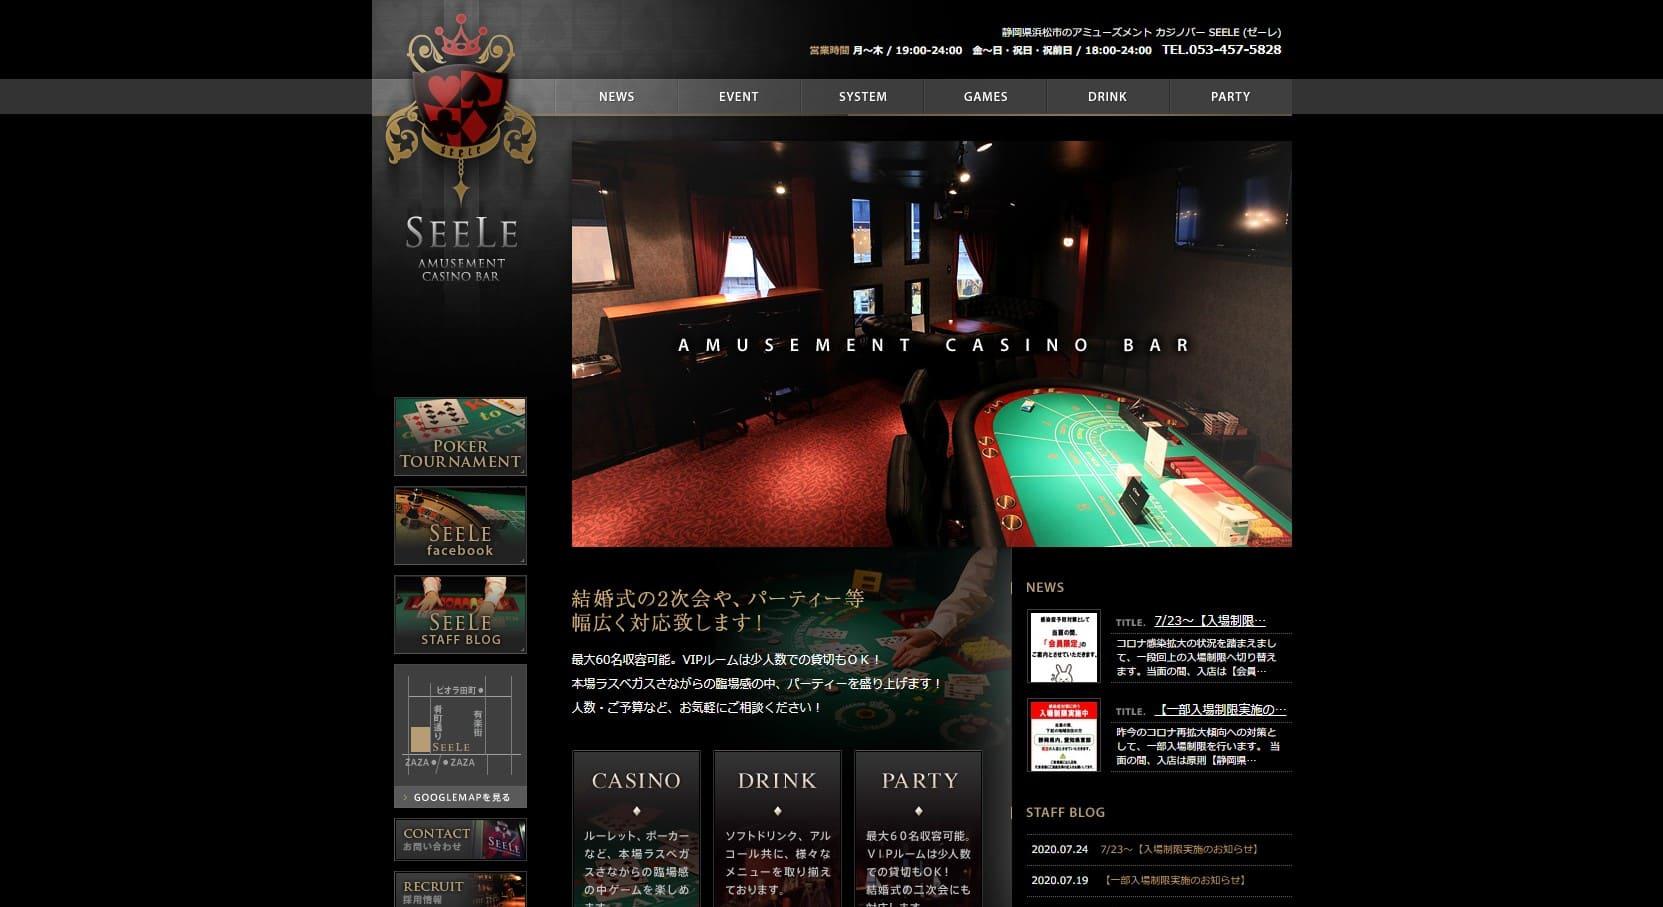 アミューズメントカジノバー ゼーレのウェブサイト画像。